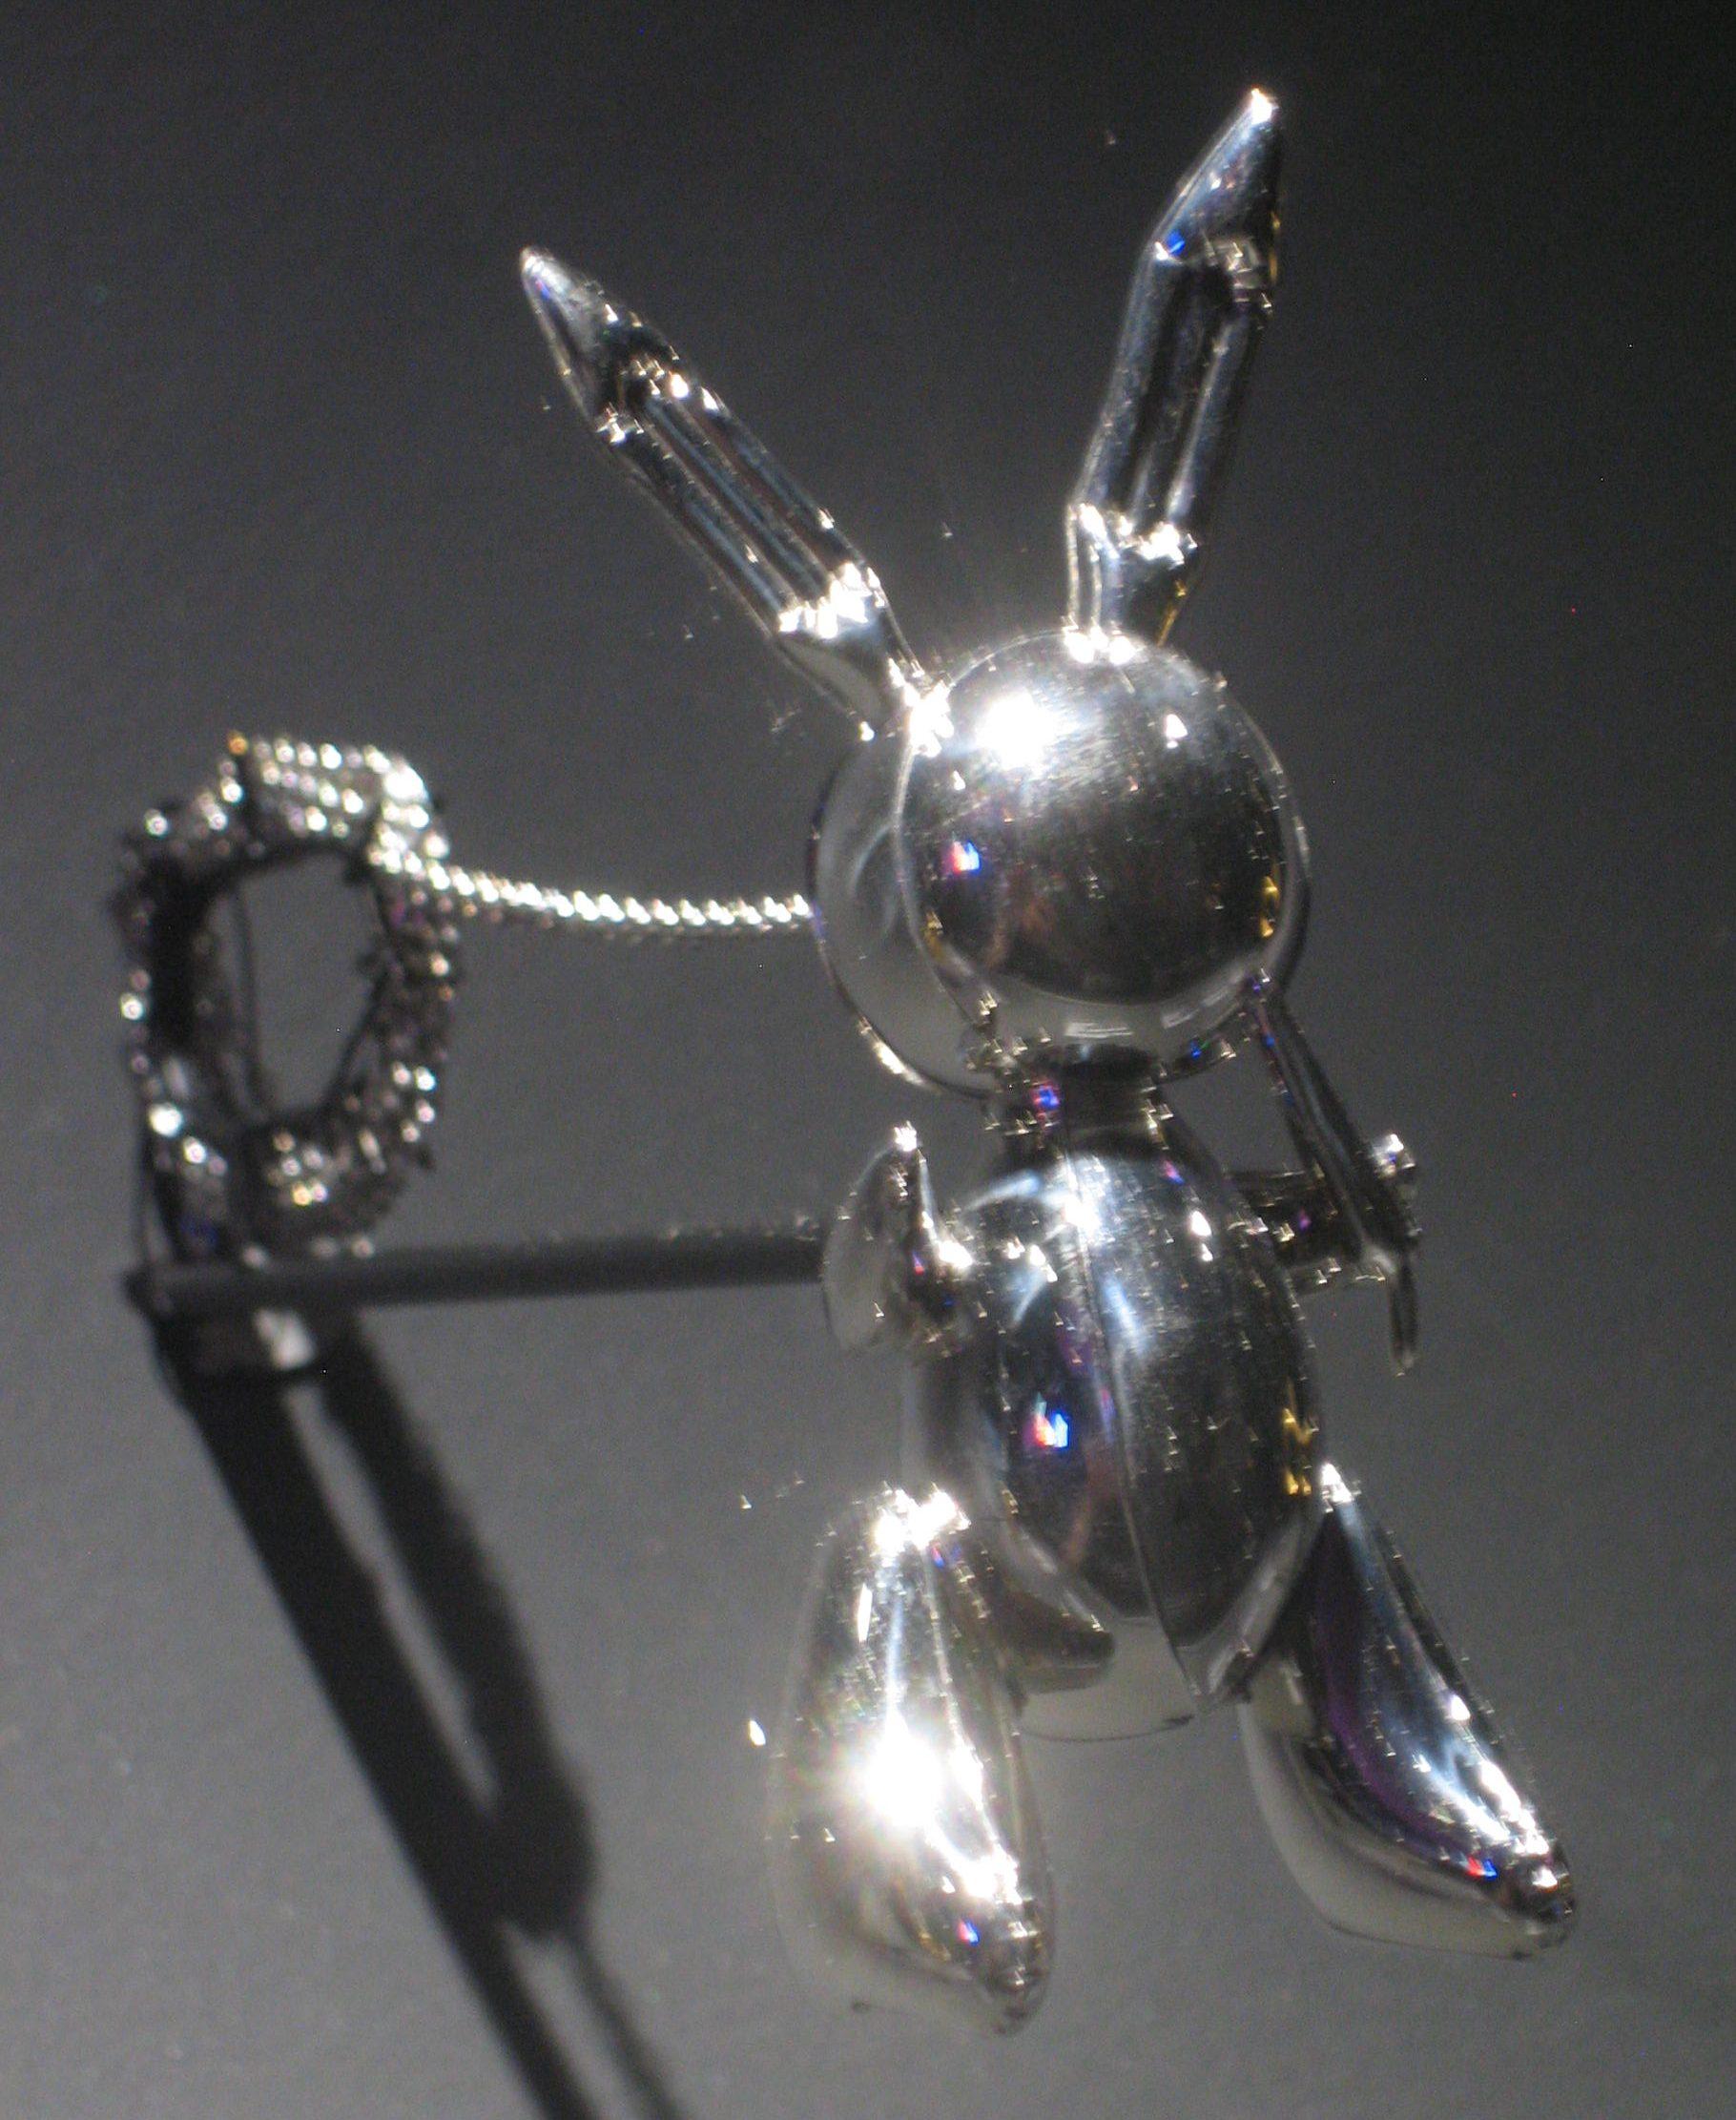 Jeff Koons, Rabbit Necklace, halssieraad, 2005-2009, 11/50. Collectie Diane Venet. Foto Esther Doornbusch, juni 2018, CC BY 4.0